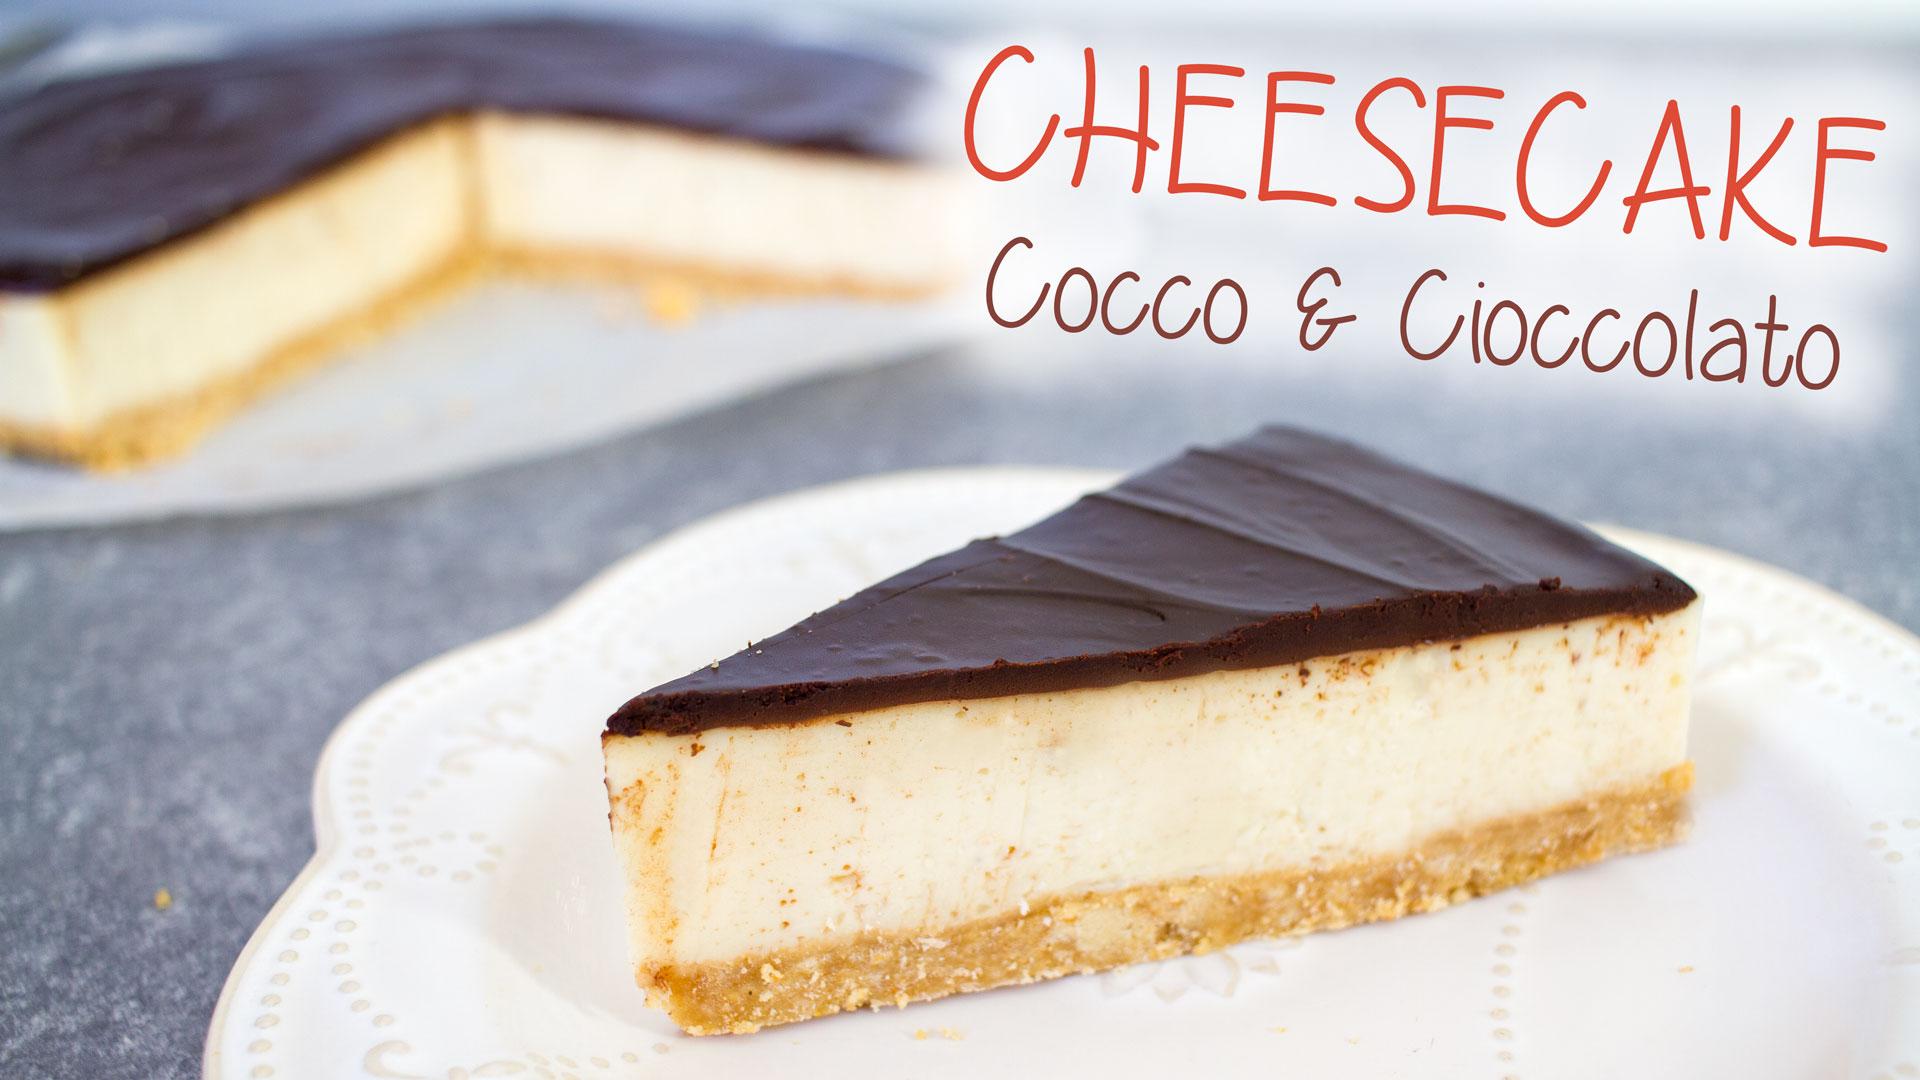 Cheese cake al cocco e cioccolato